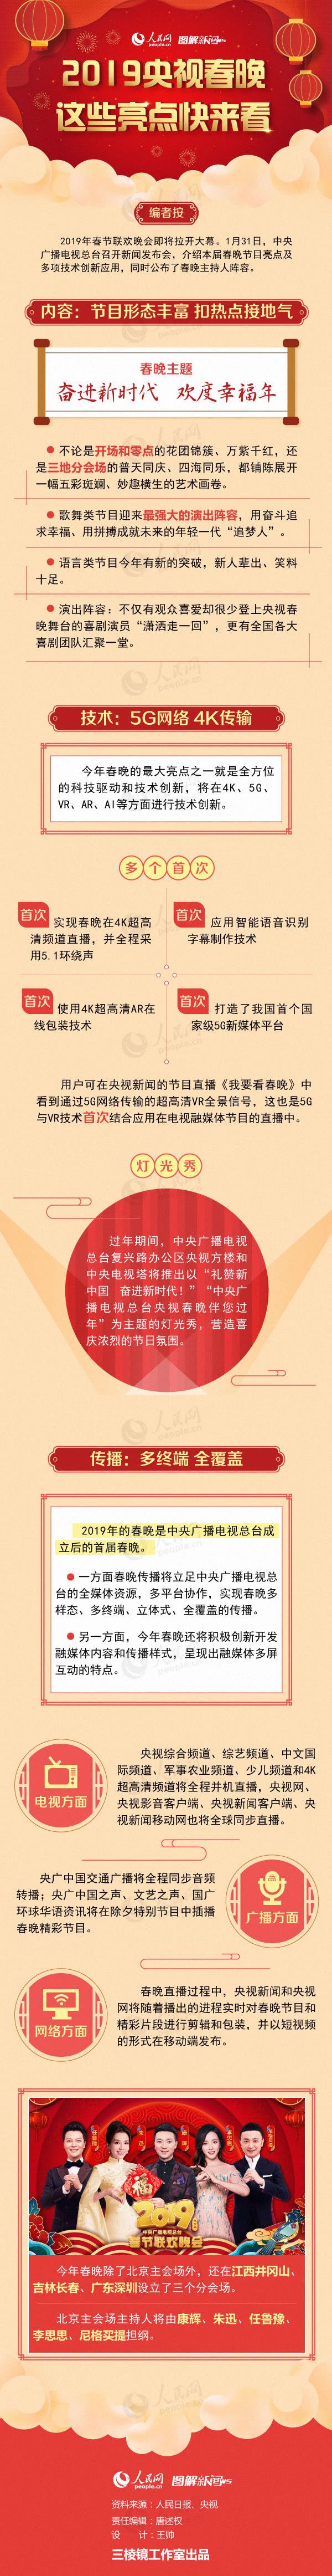 2019央视春晚最新最全节目单曝光 猪年春晚亮点有哪些(图)